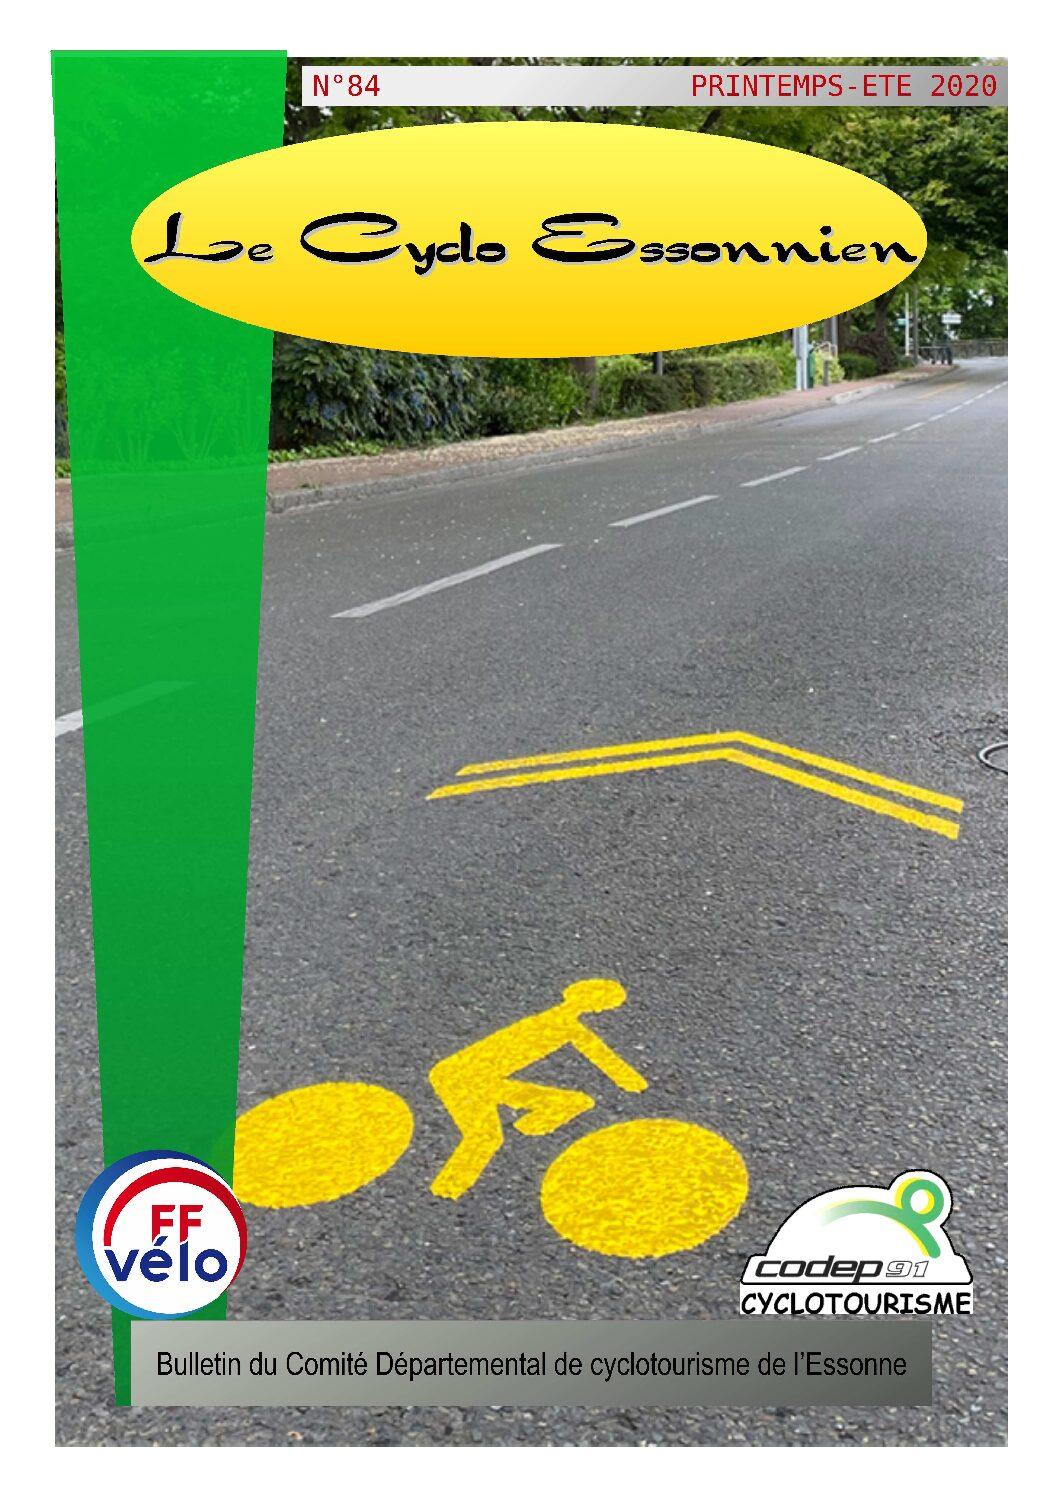 Le Cyclo Essonnien n°84